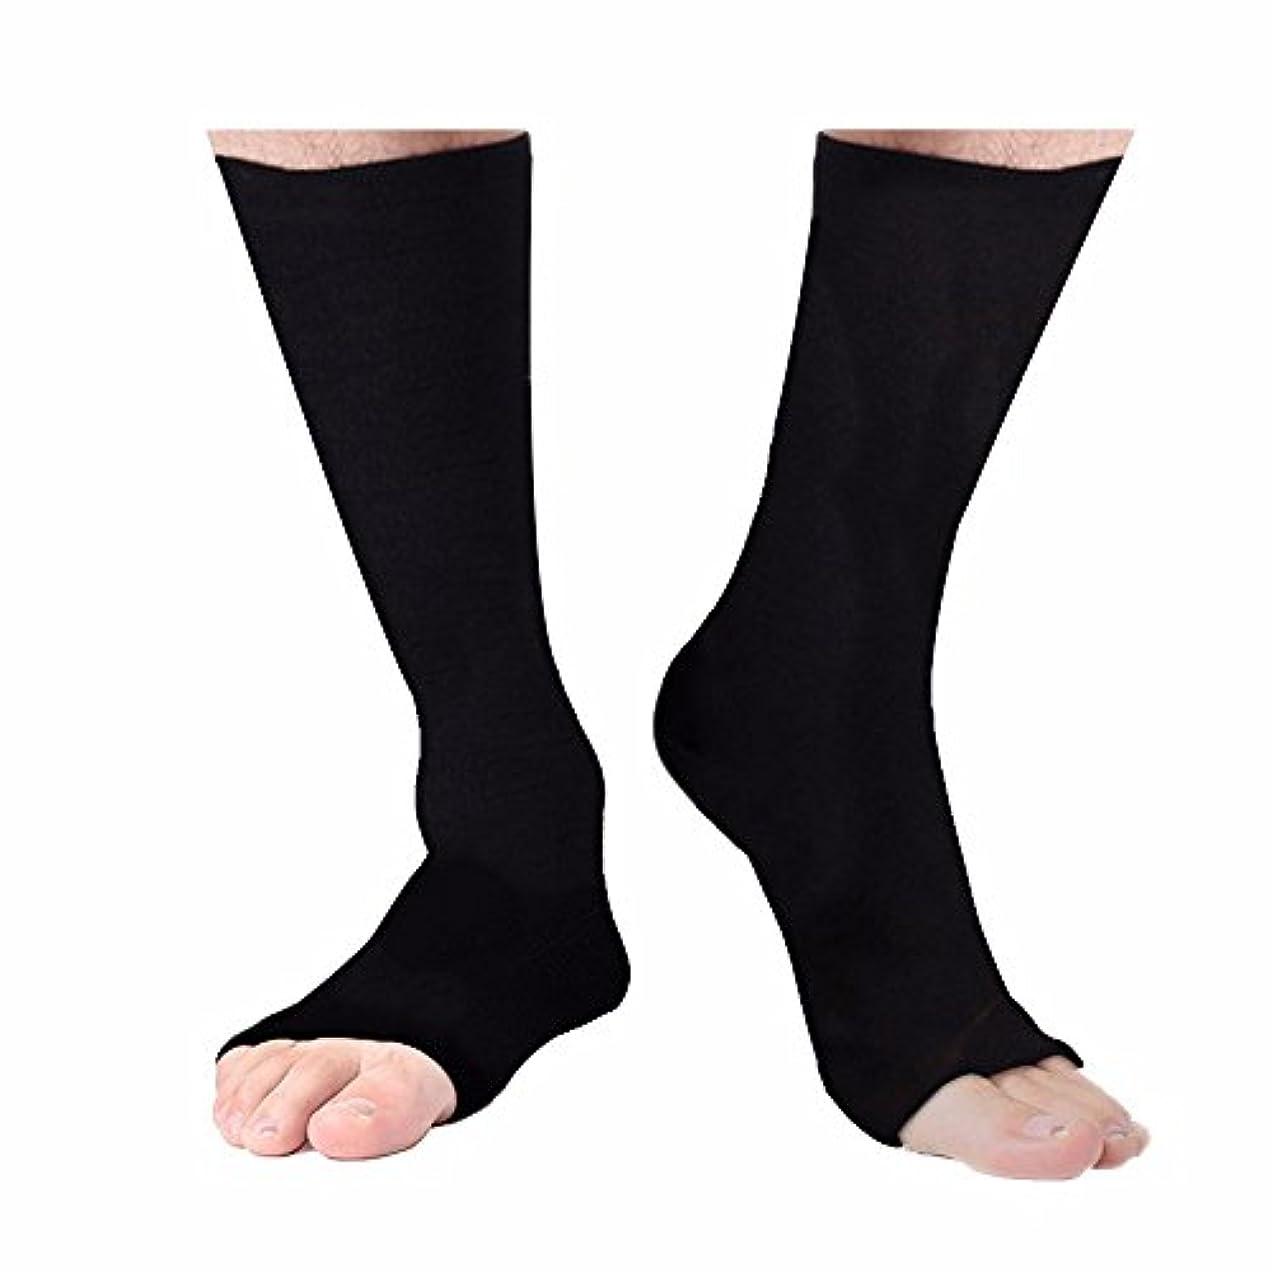 化石マーカーモディッシュYartar 着圧ソックス オープントゥ 段階圧力 ハイソックス 膝下 むくみ対策 男女兼用 Open Toe Pressure Socks (ブラック, L:35cm)